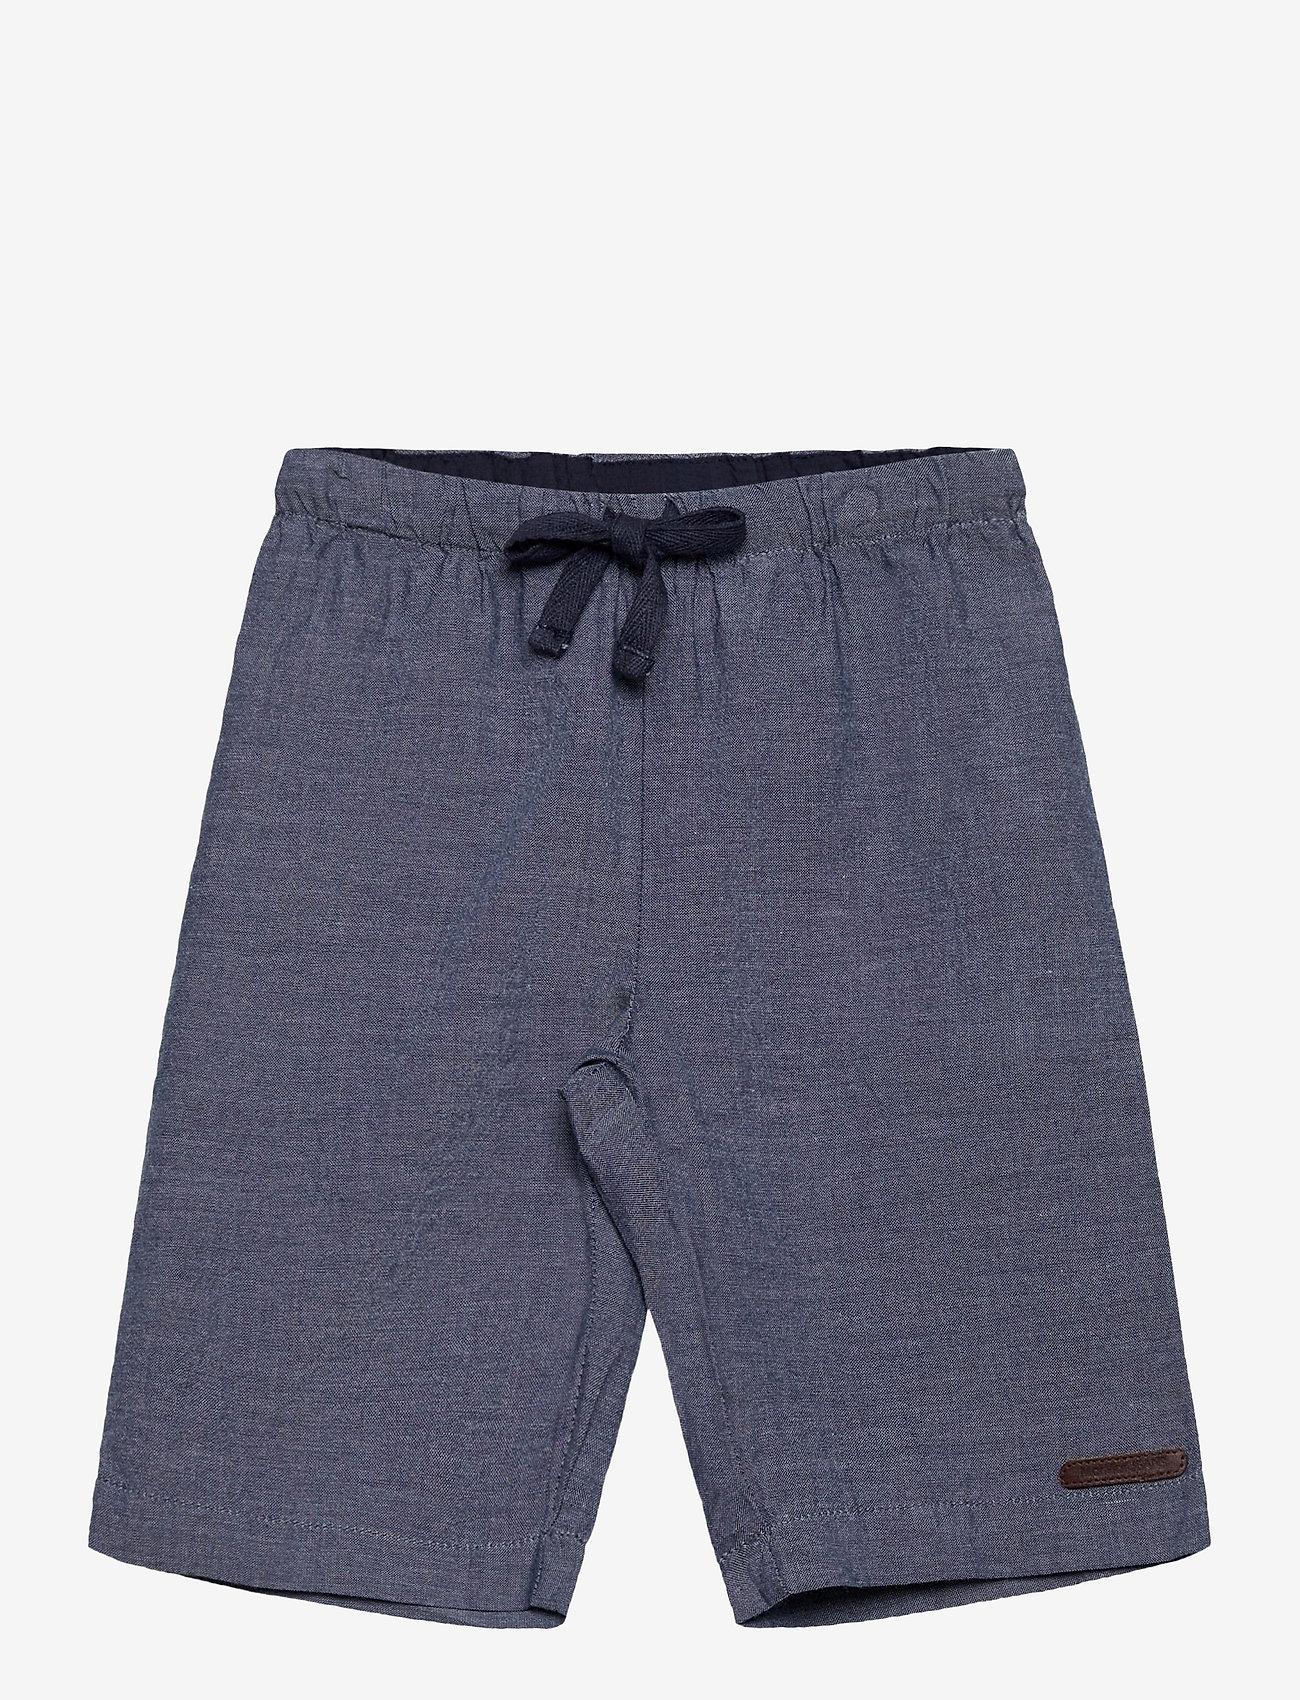 MarMar Cph - Paco - shorts - denim blue - 0